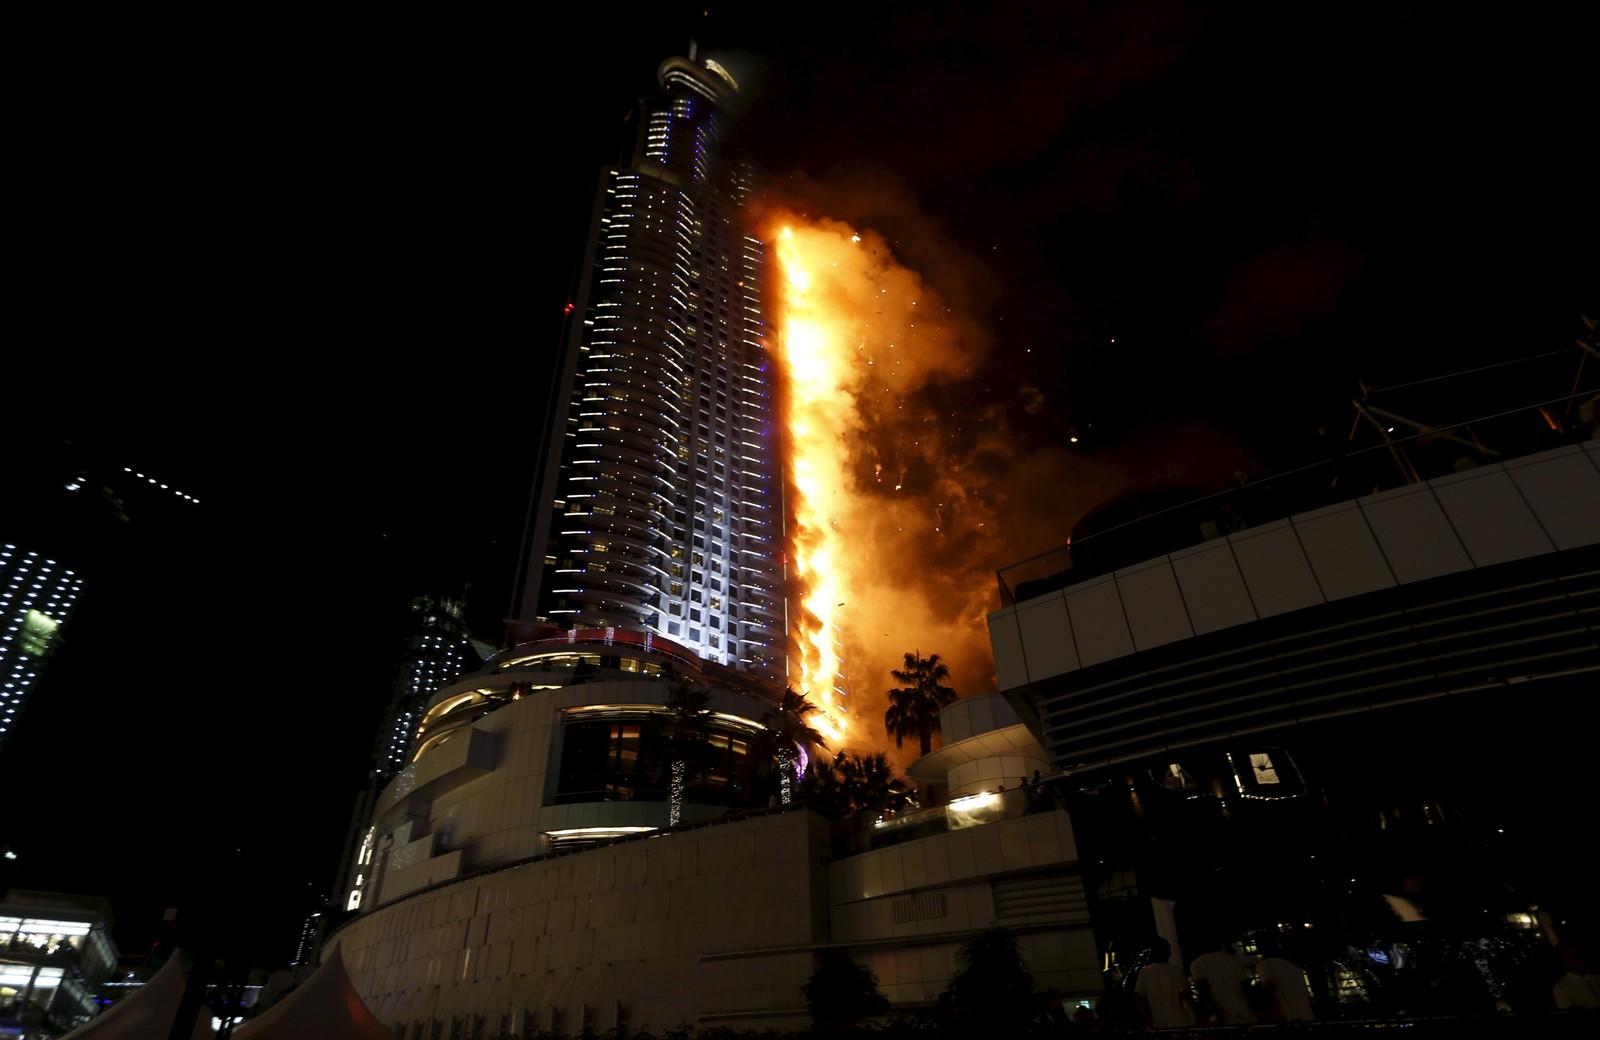 Flammene står opp langs fasaden på det 5-stjernes Address Hotel i Dubai sentrum.